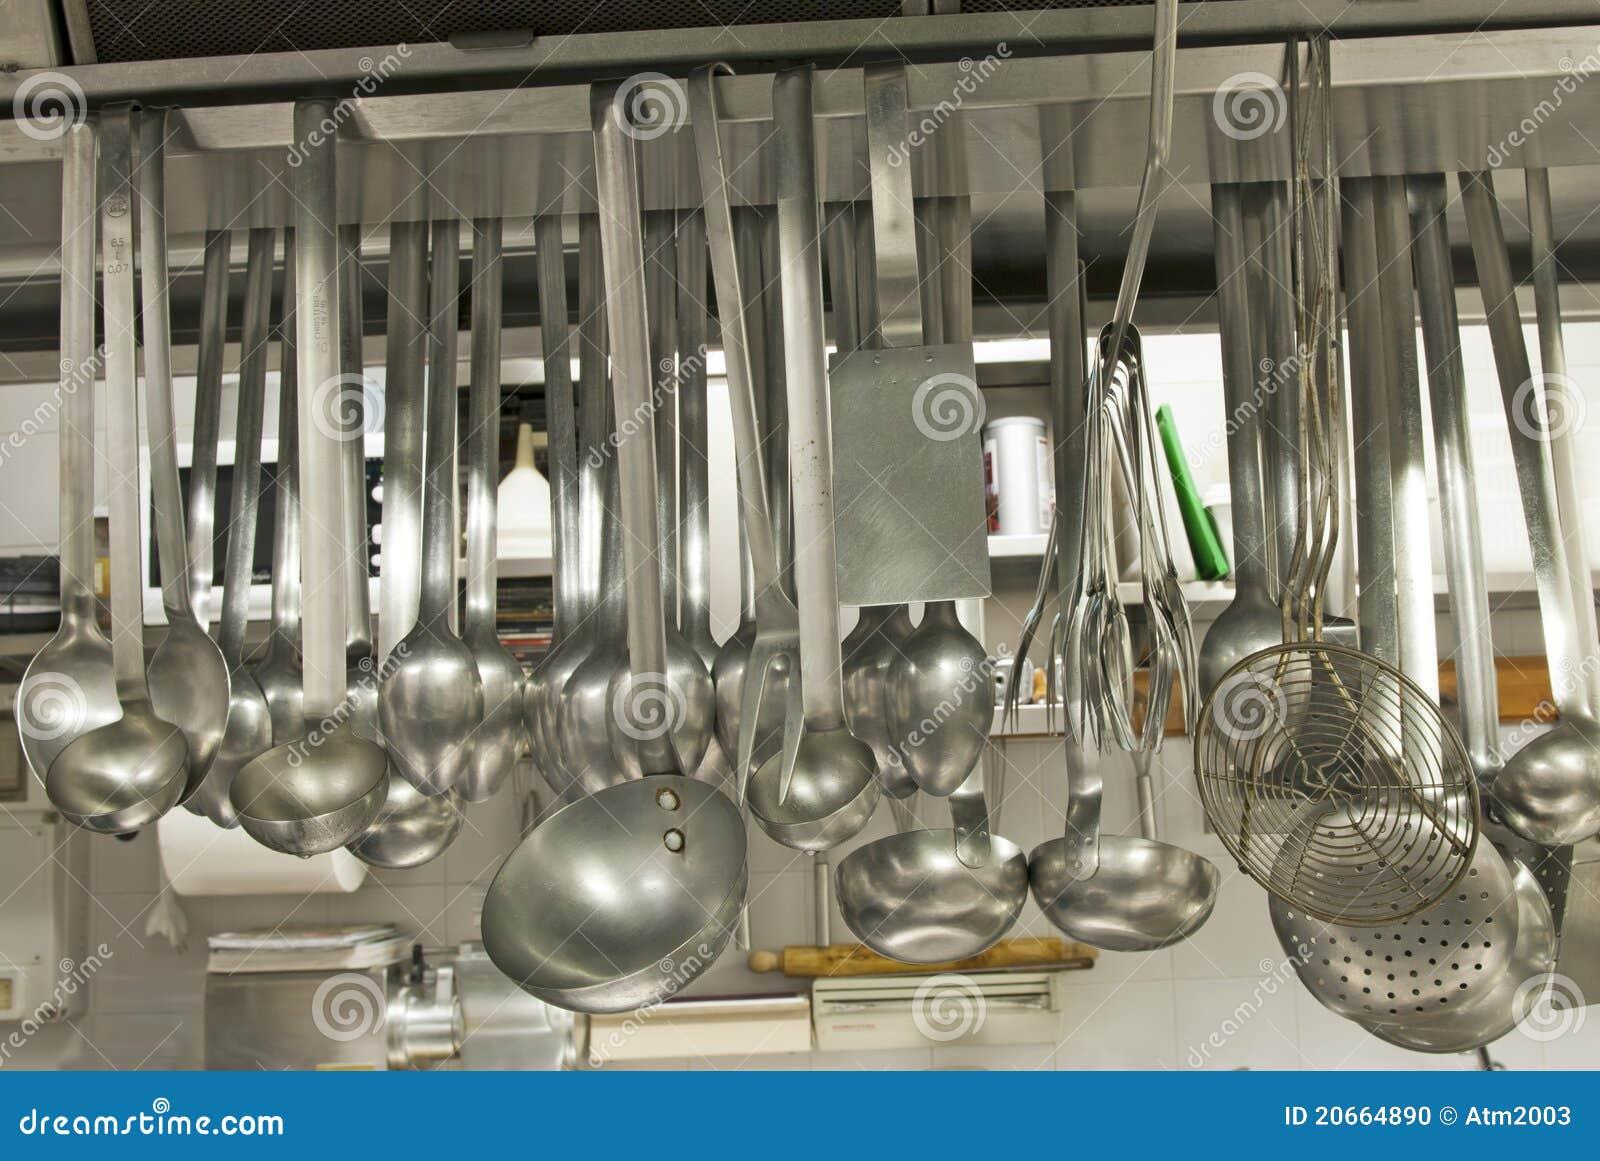 Ustensiles dans un restaurant de cuisine photo stock - Ustensile de cuisine anglais ...